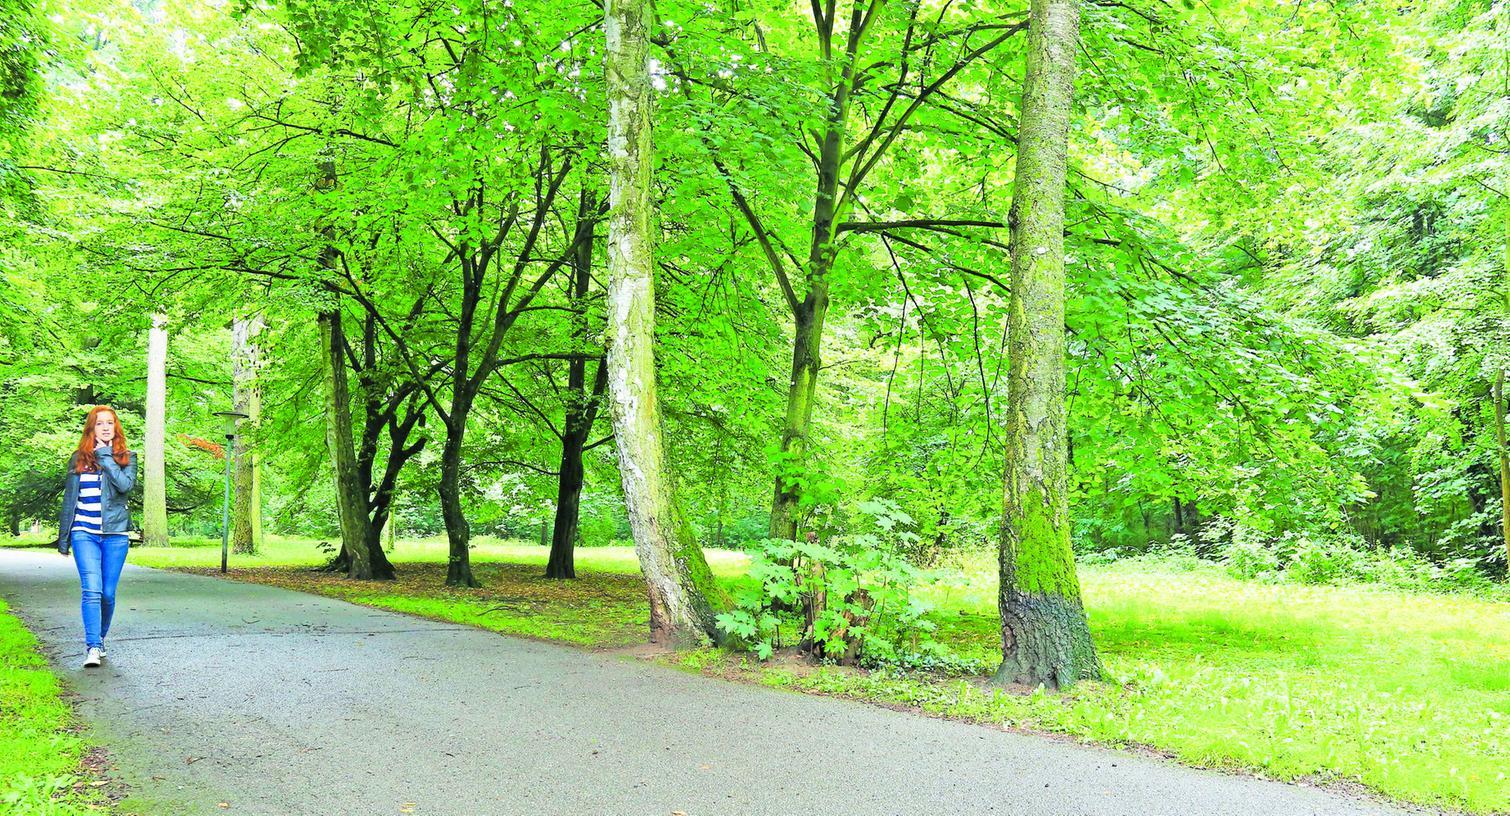 An dieser Stelle des Parks sind ohnehin Maßnahmen geplant. Die Partnerstädte würden ins Konzept passen.